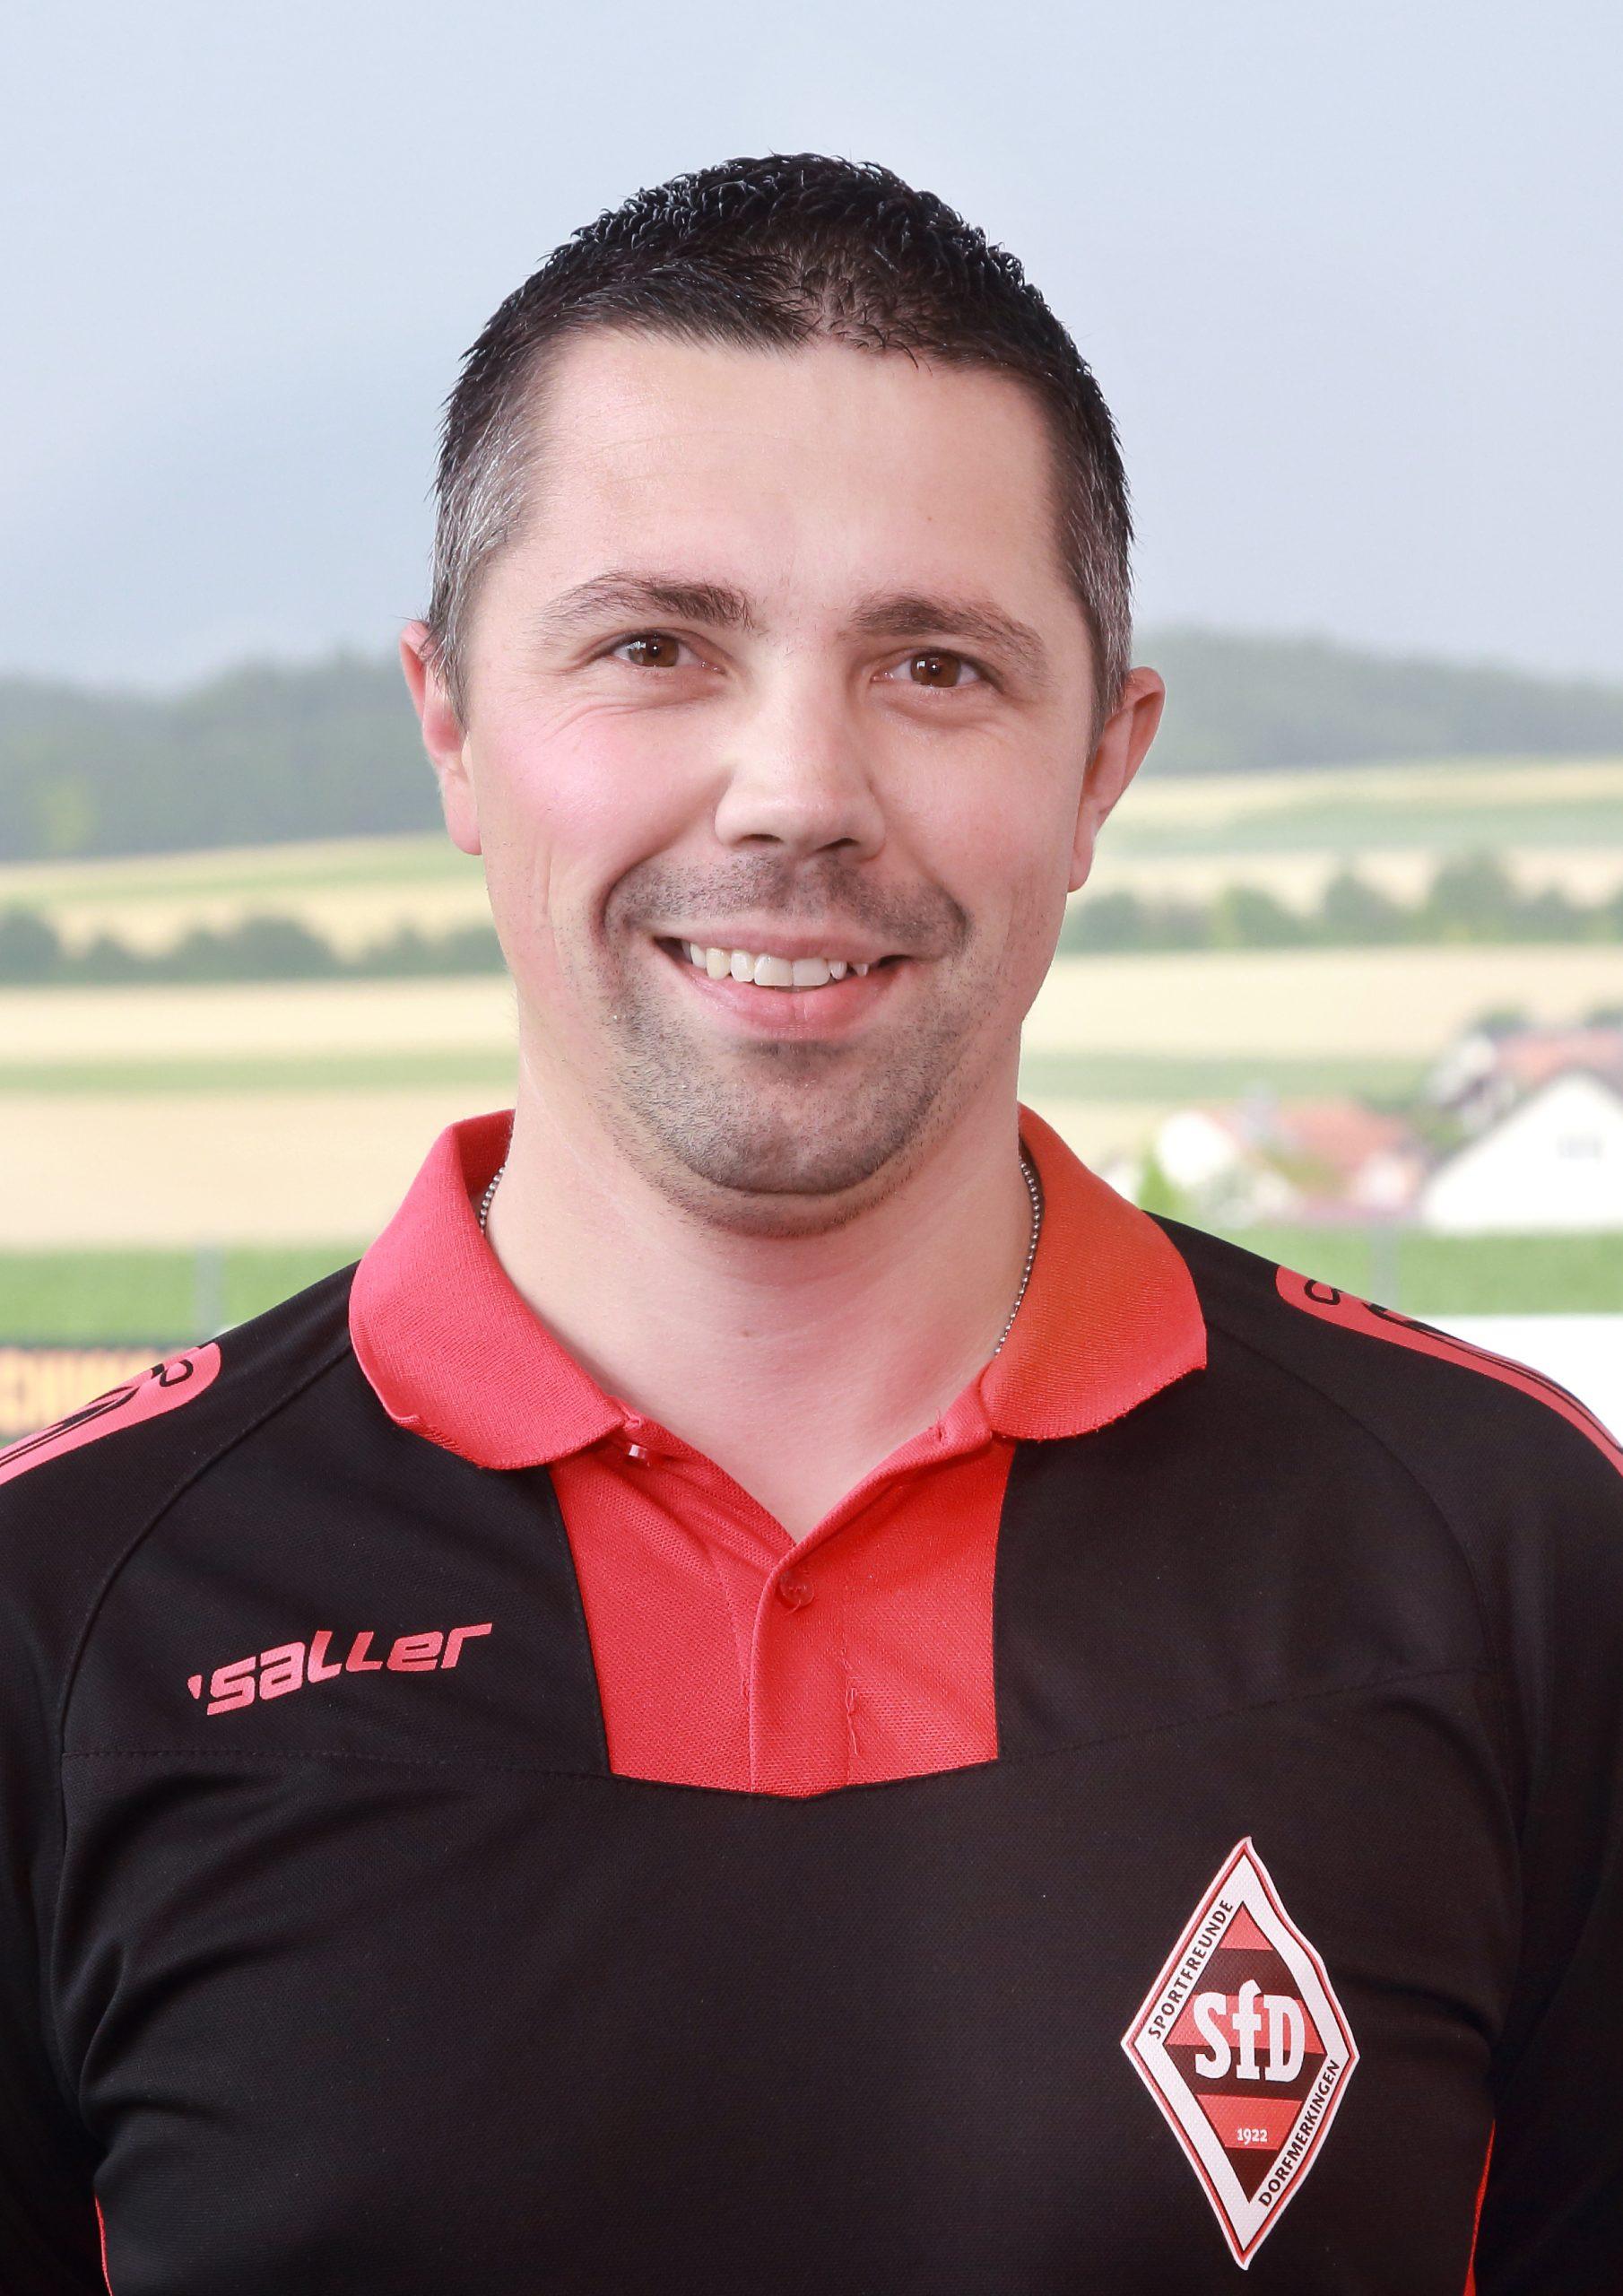 Jens Voitl